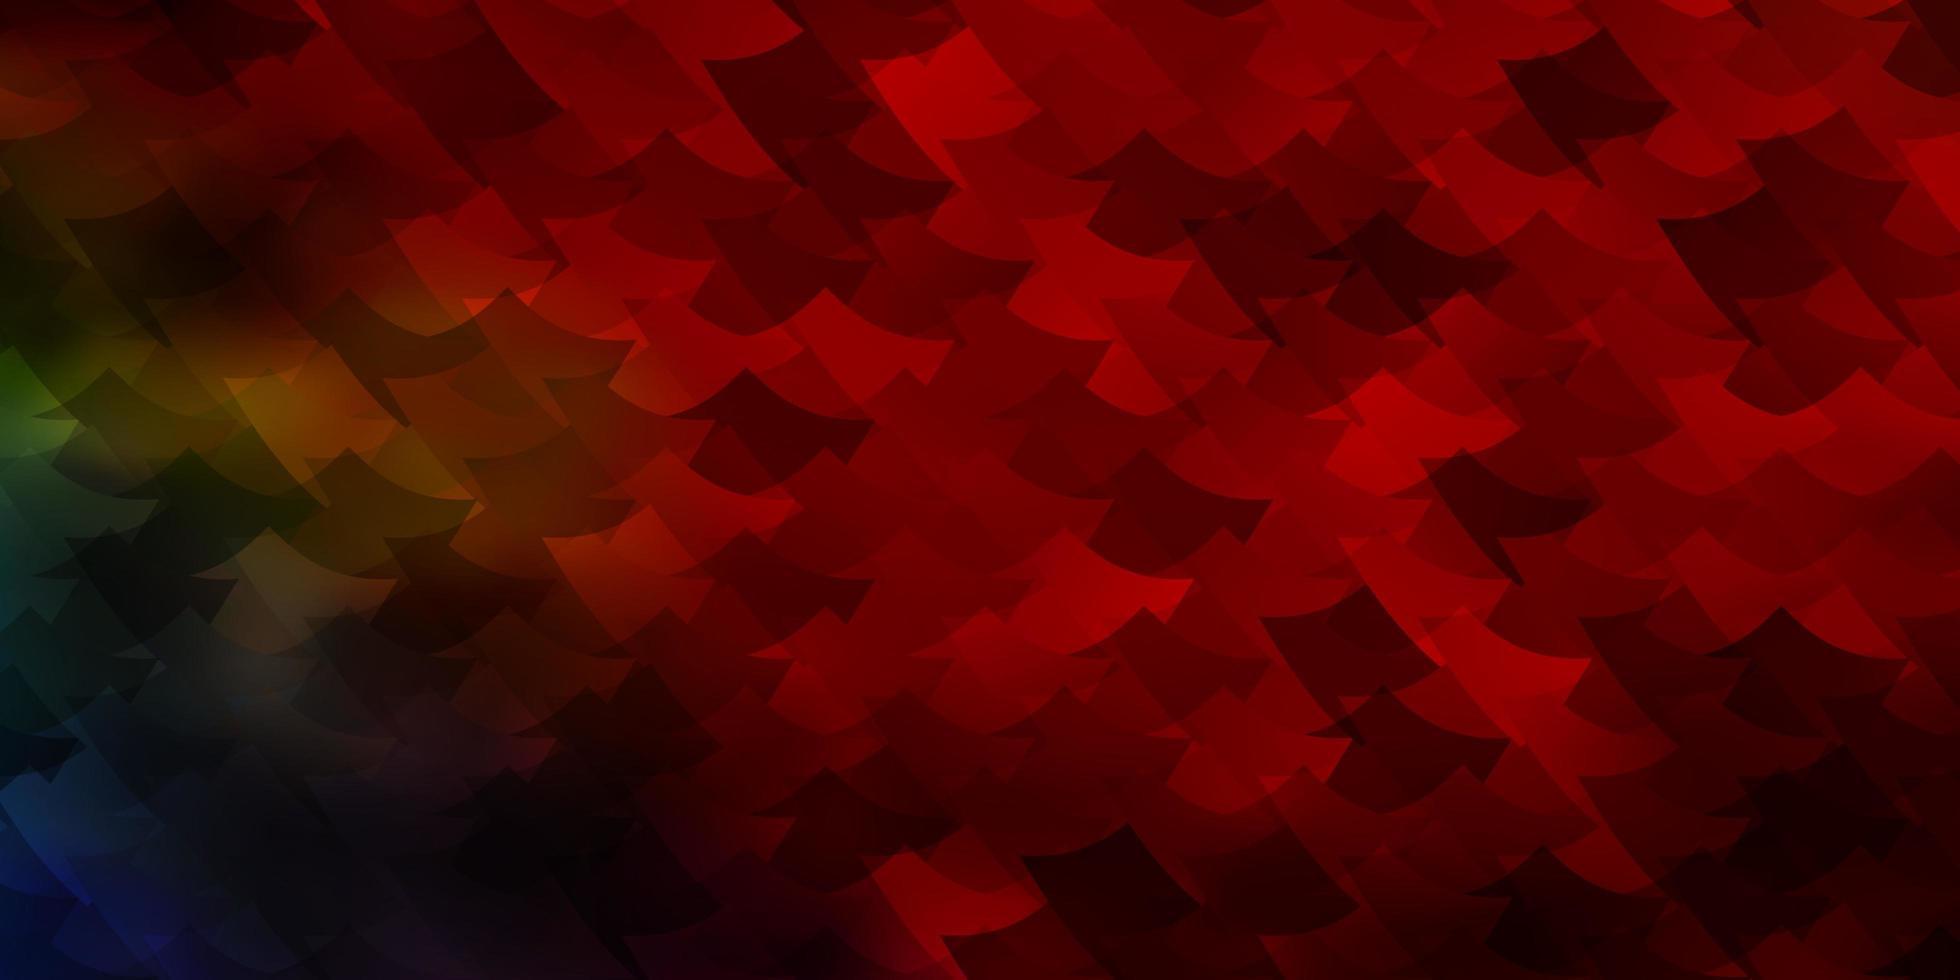 plantilla de vector multicolor oscuro con rectángulos.